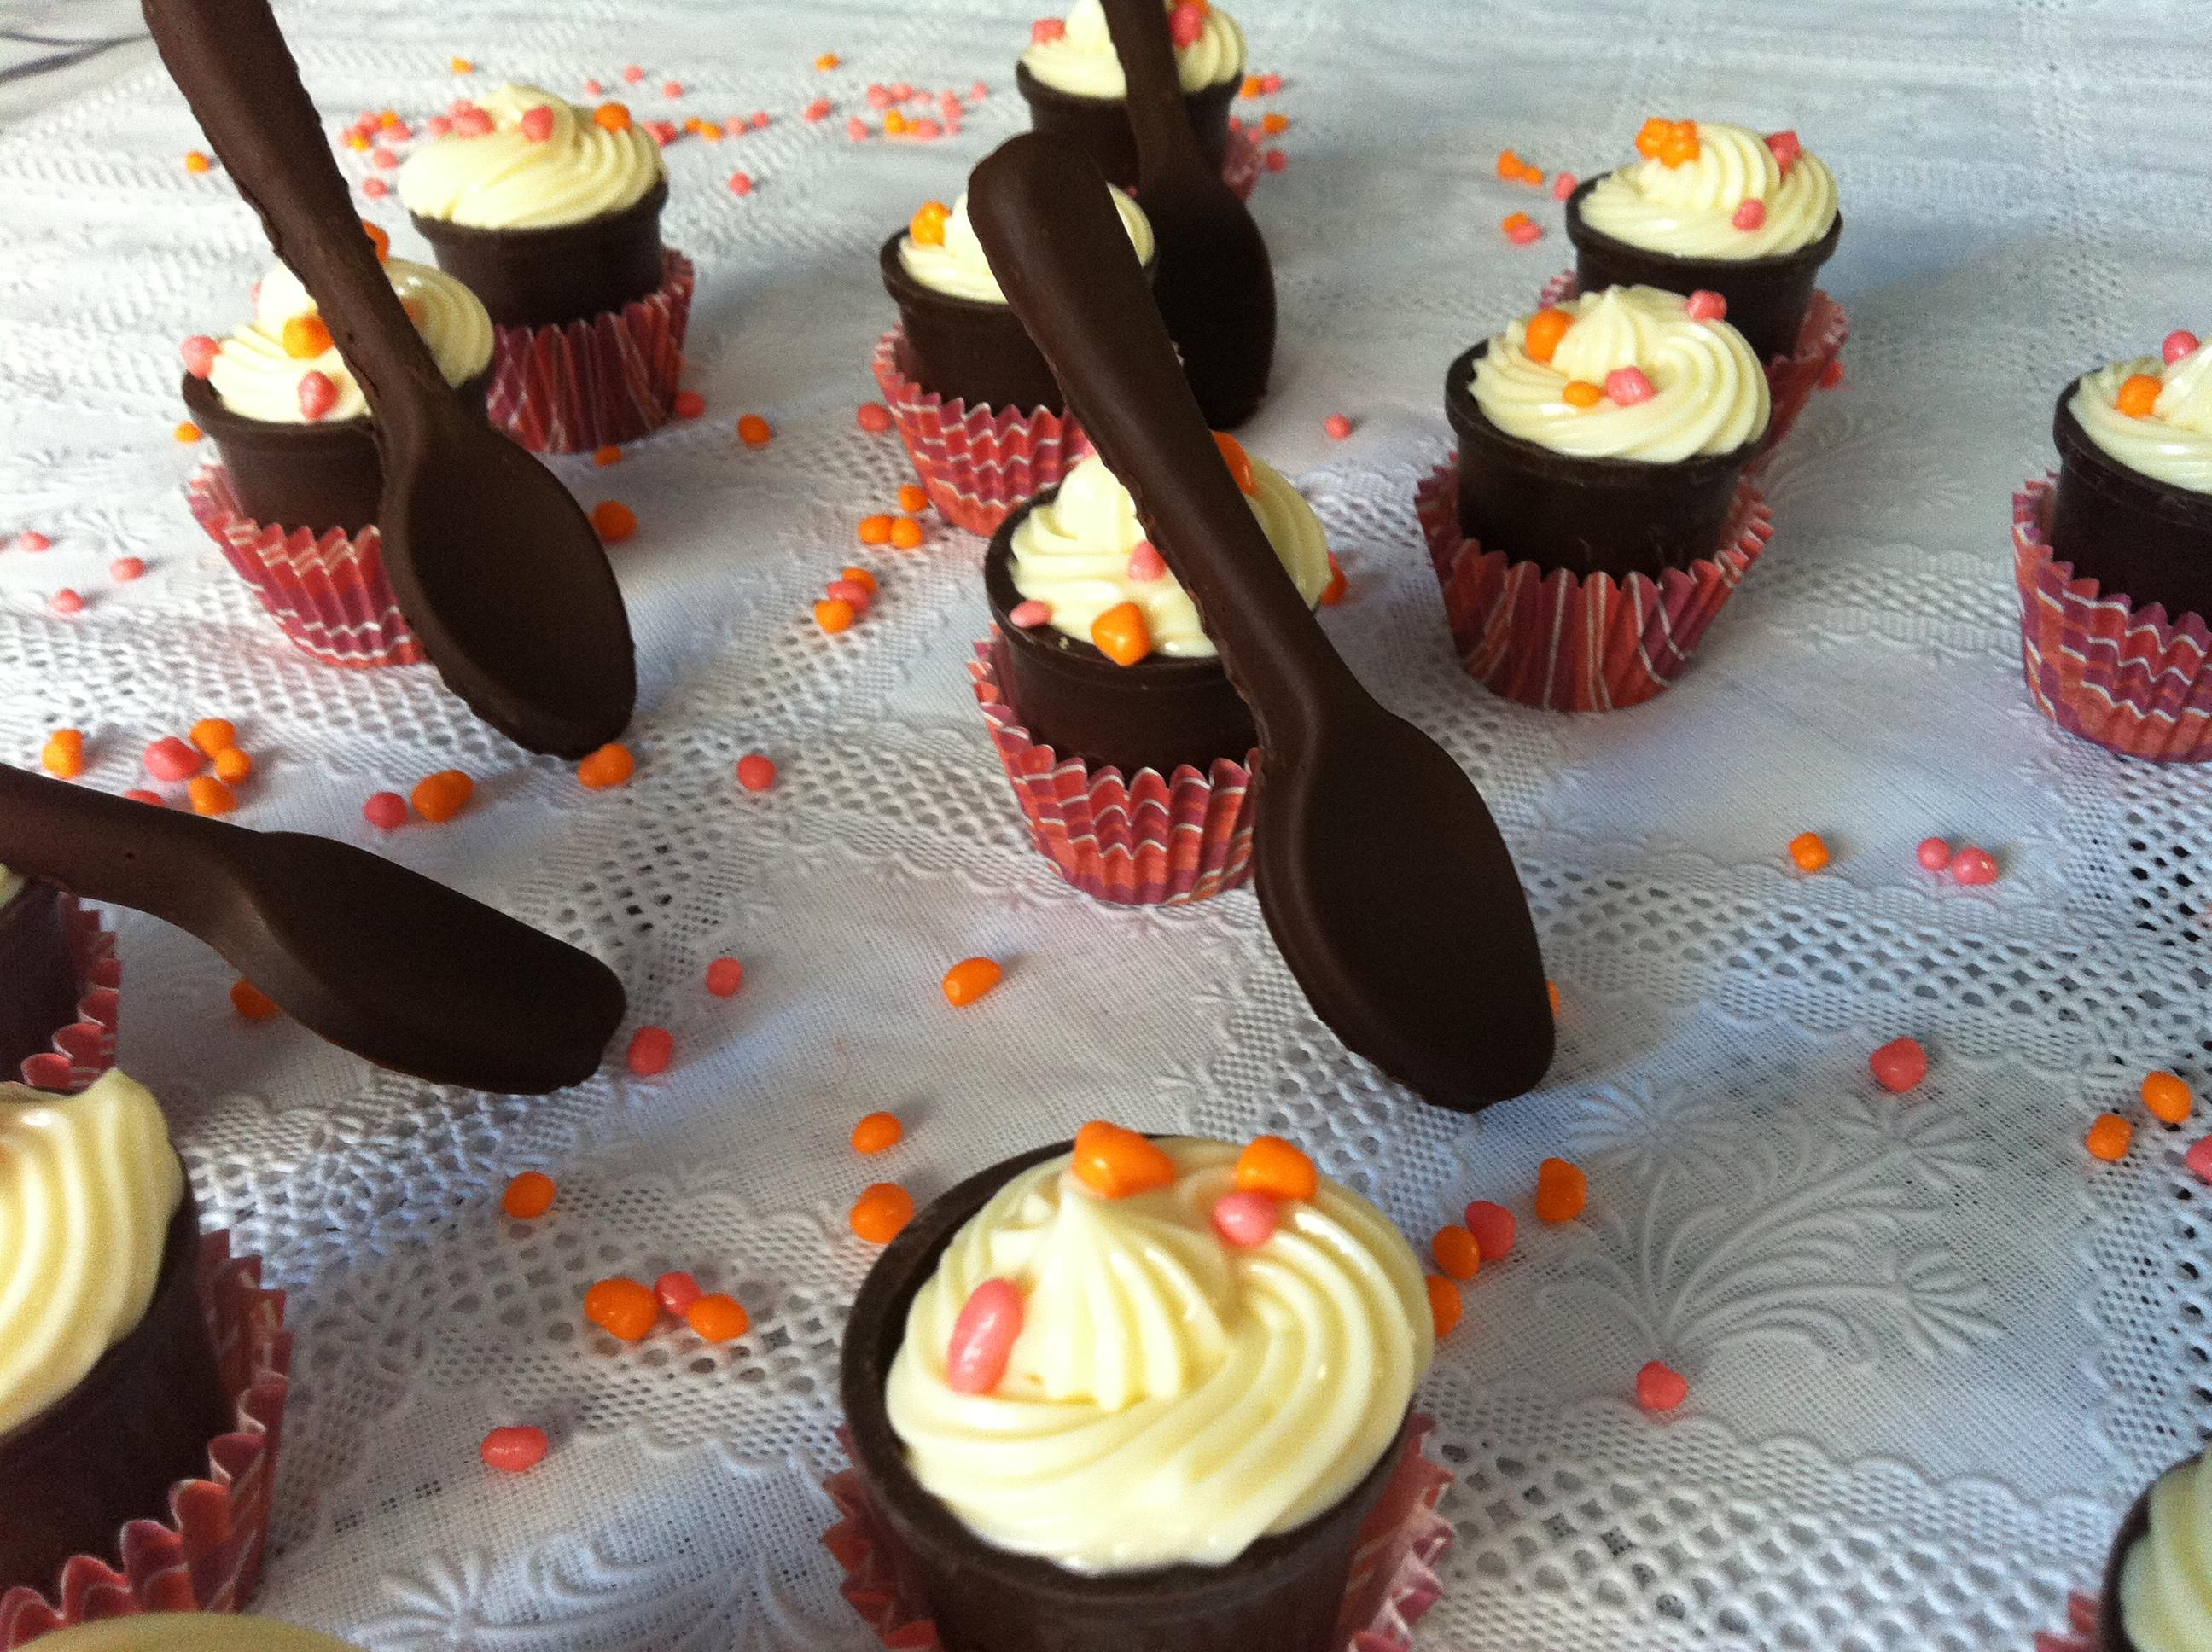 Baño Blanco De Reposteria:de chocolate blanco en vasitos de chocolate negro con ganache de